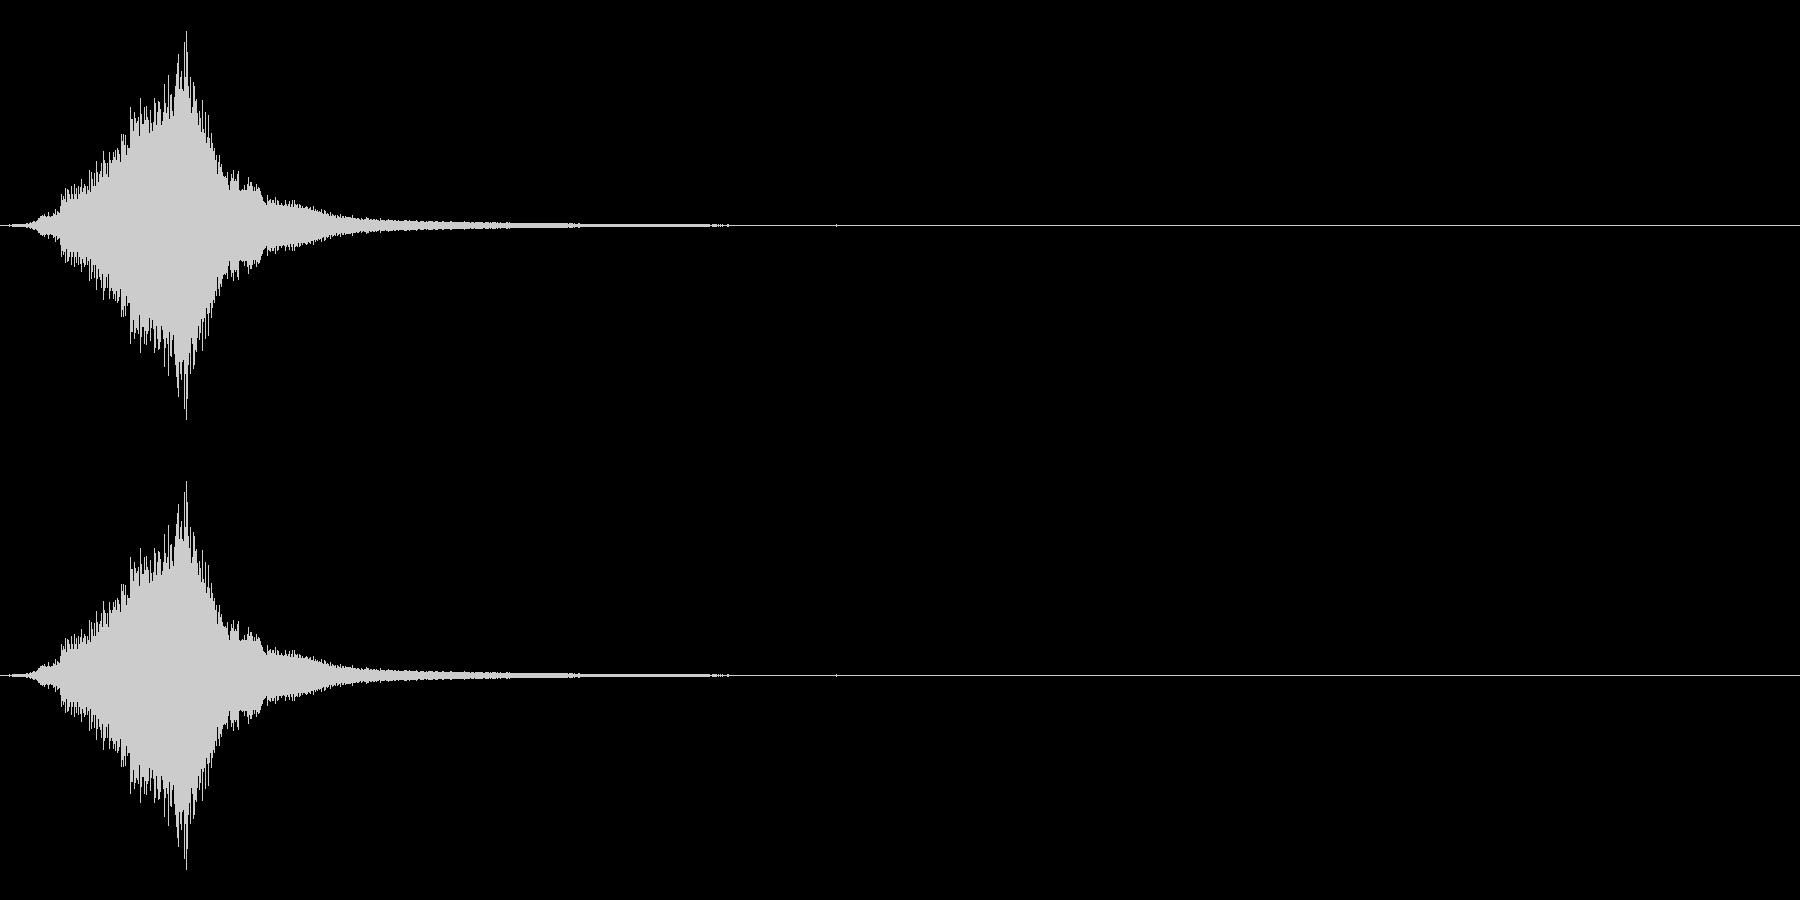 シャキーン☆剣を鞘から抜く音の未再生の波形